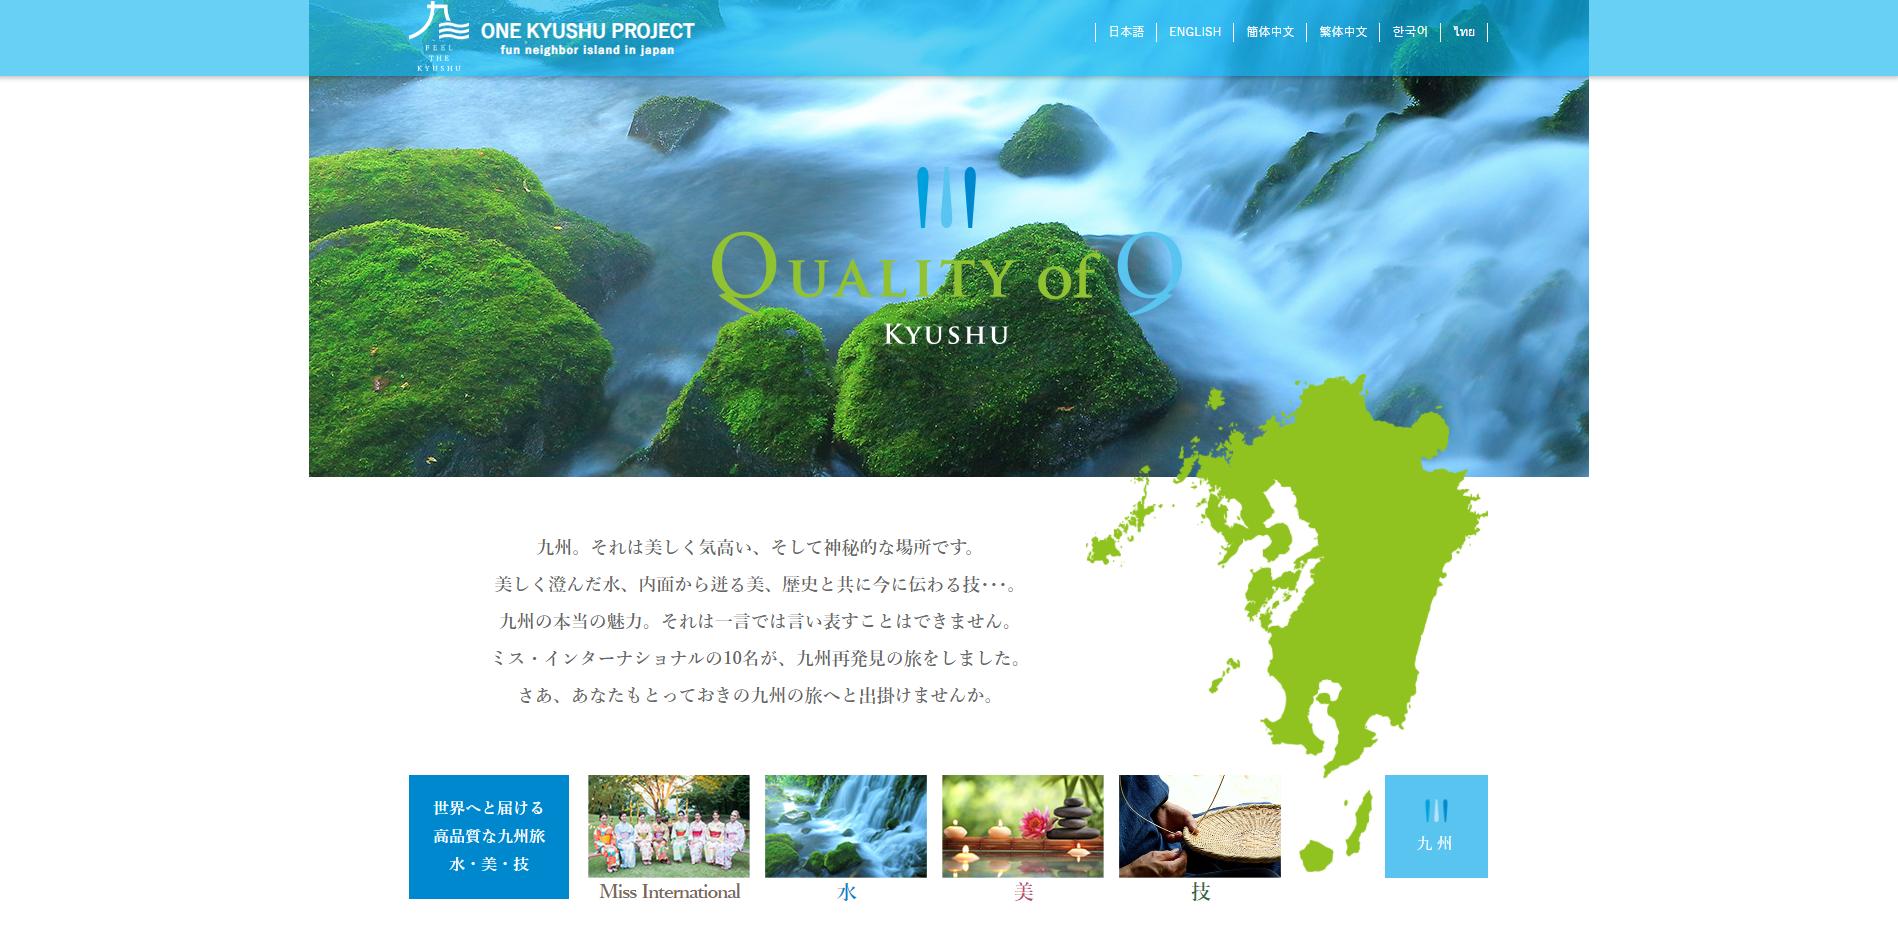 ONE KYUSYU PROJECTスクリーンショット